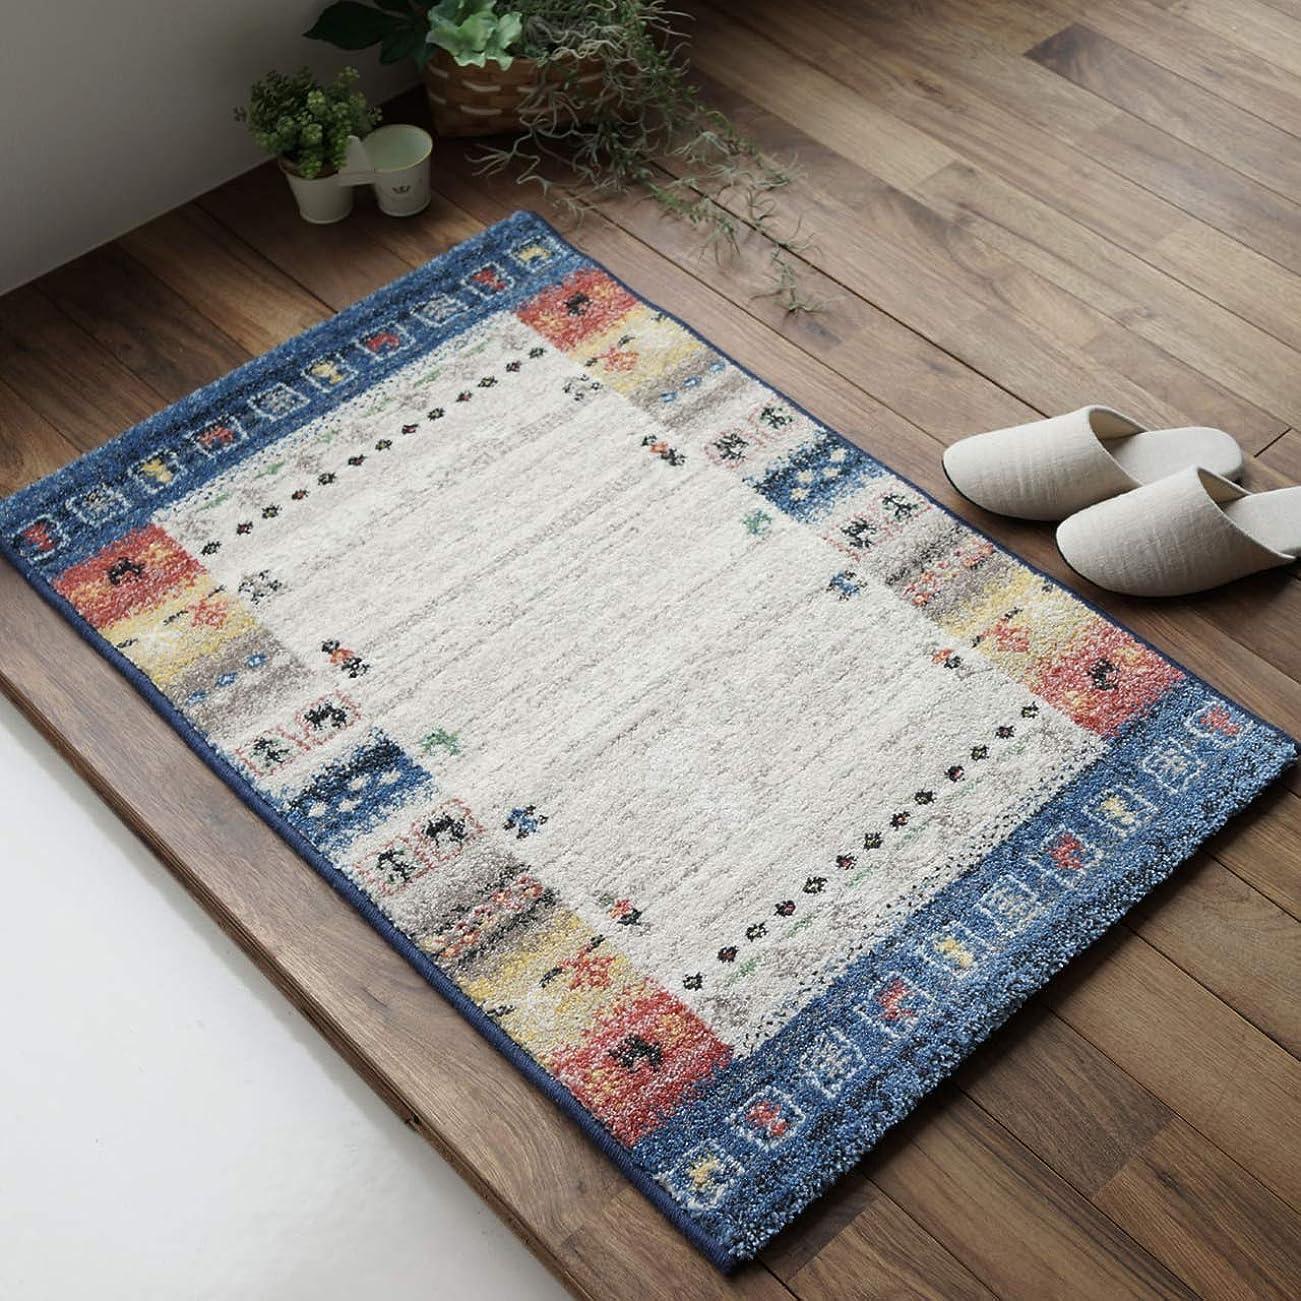 鍔写真のしみ[サヤンサヤン] かわいい おしゃれ ギャベ柄 屋内 室内 玄関マット オアシス2 50x80 cm ブルー ベルギー製